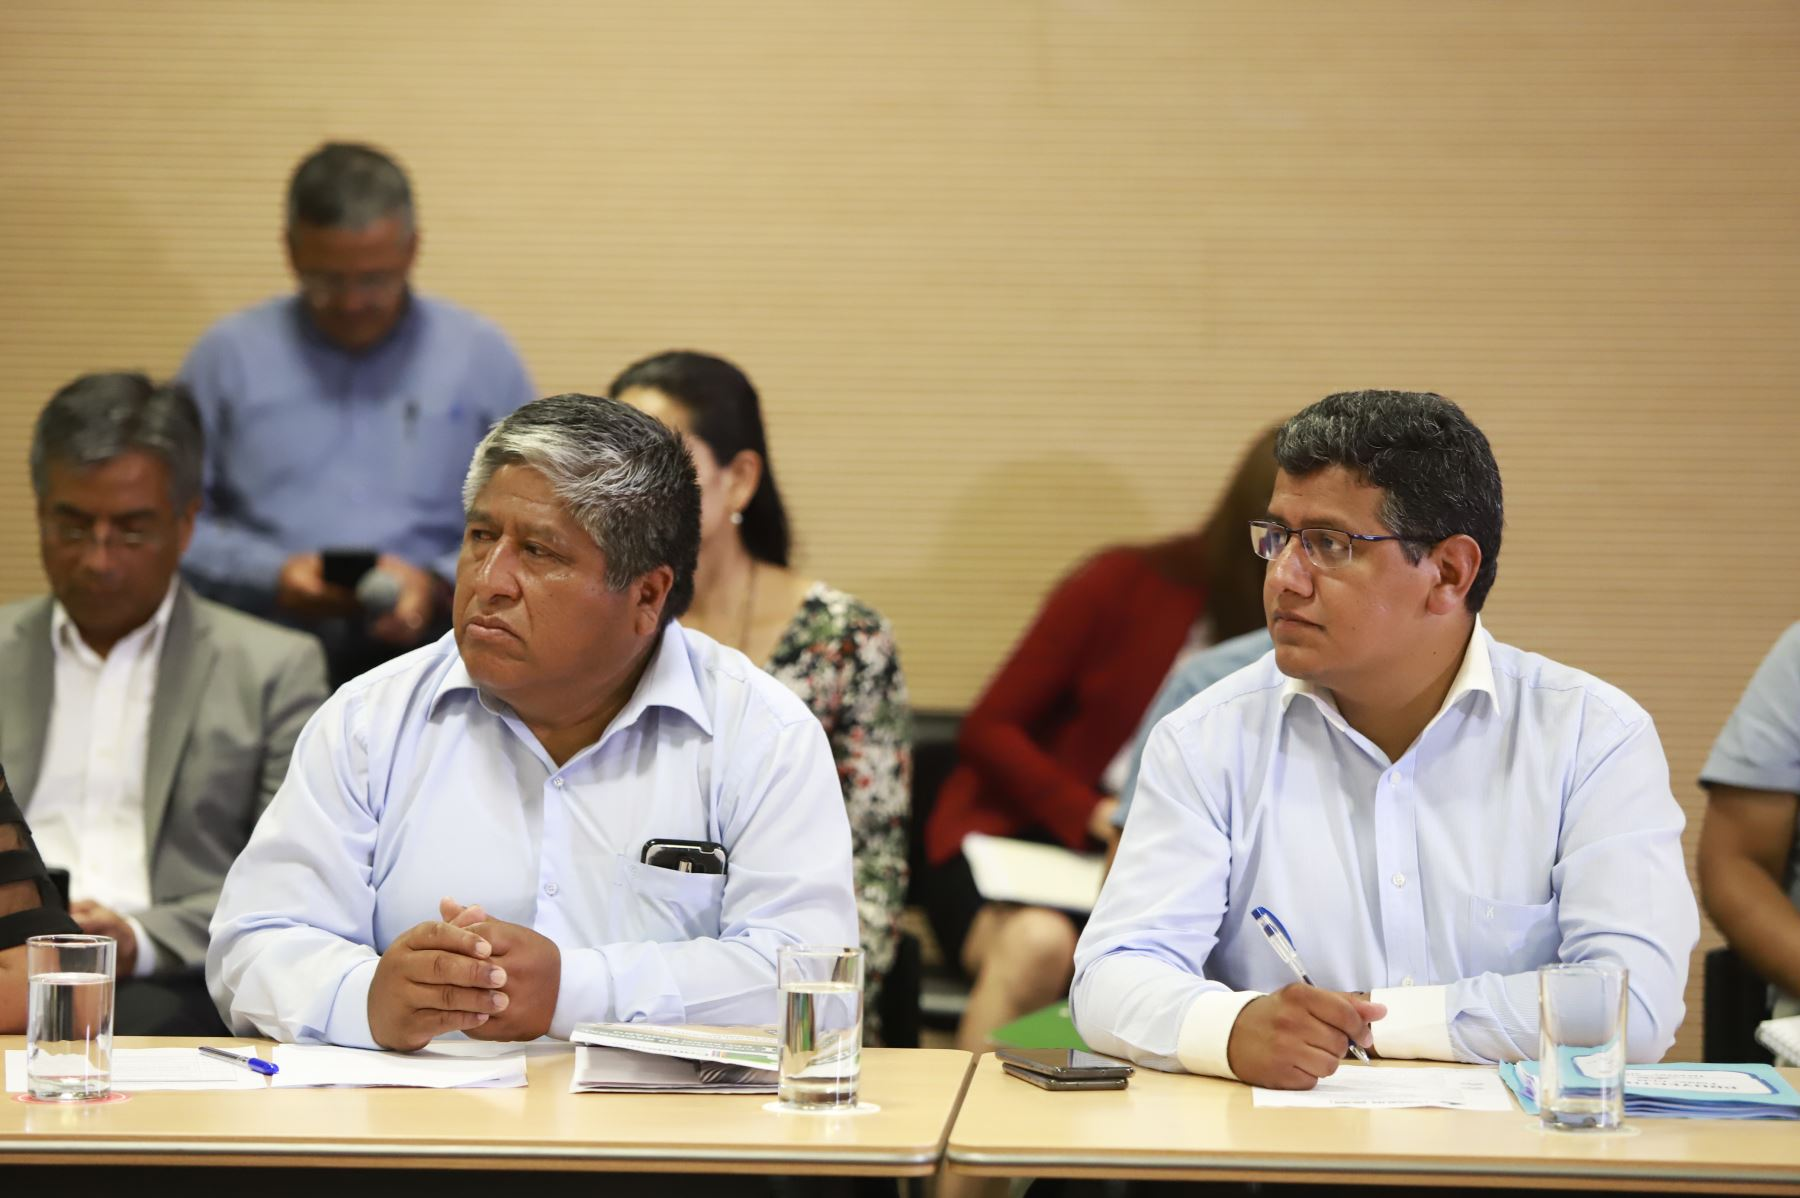 Presidente Martín Vizcarra participa en la reunión de trabajo con la Red de Municipalidades Rurales del Perú (REMURPE)